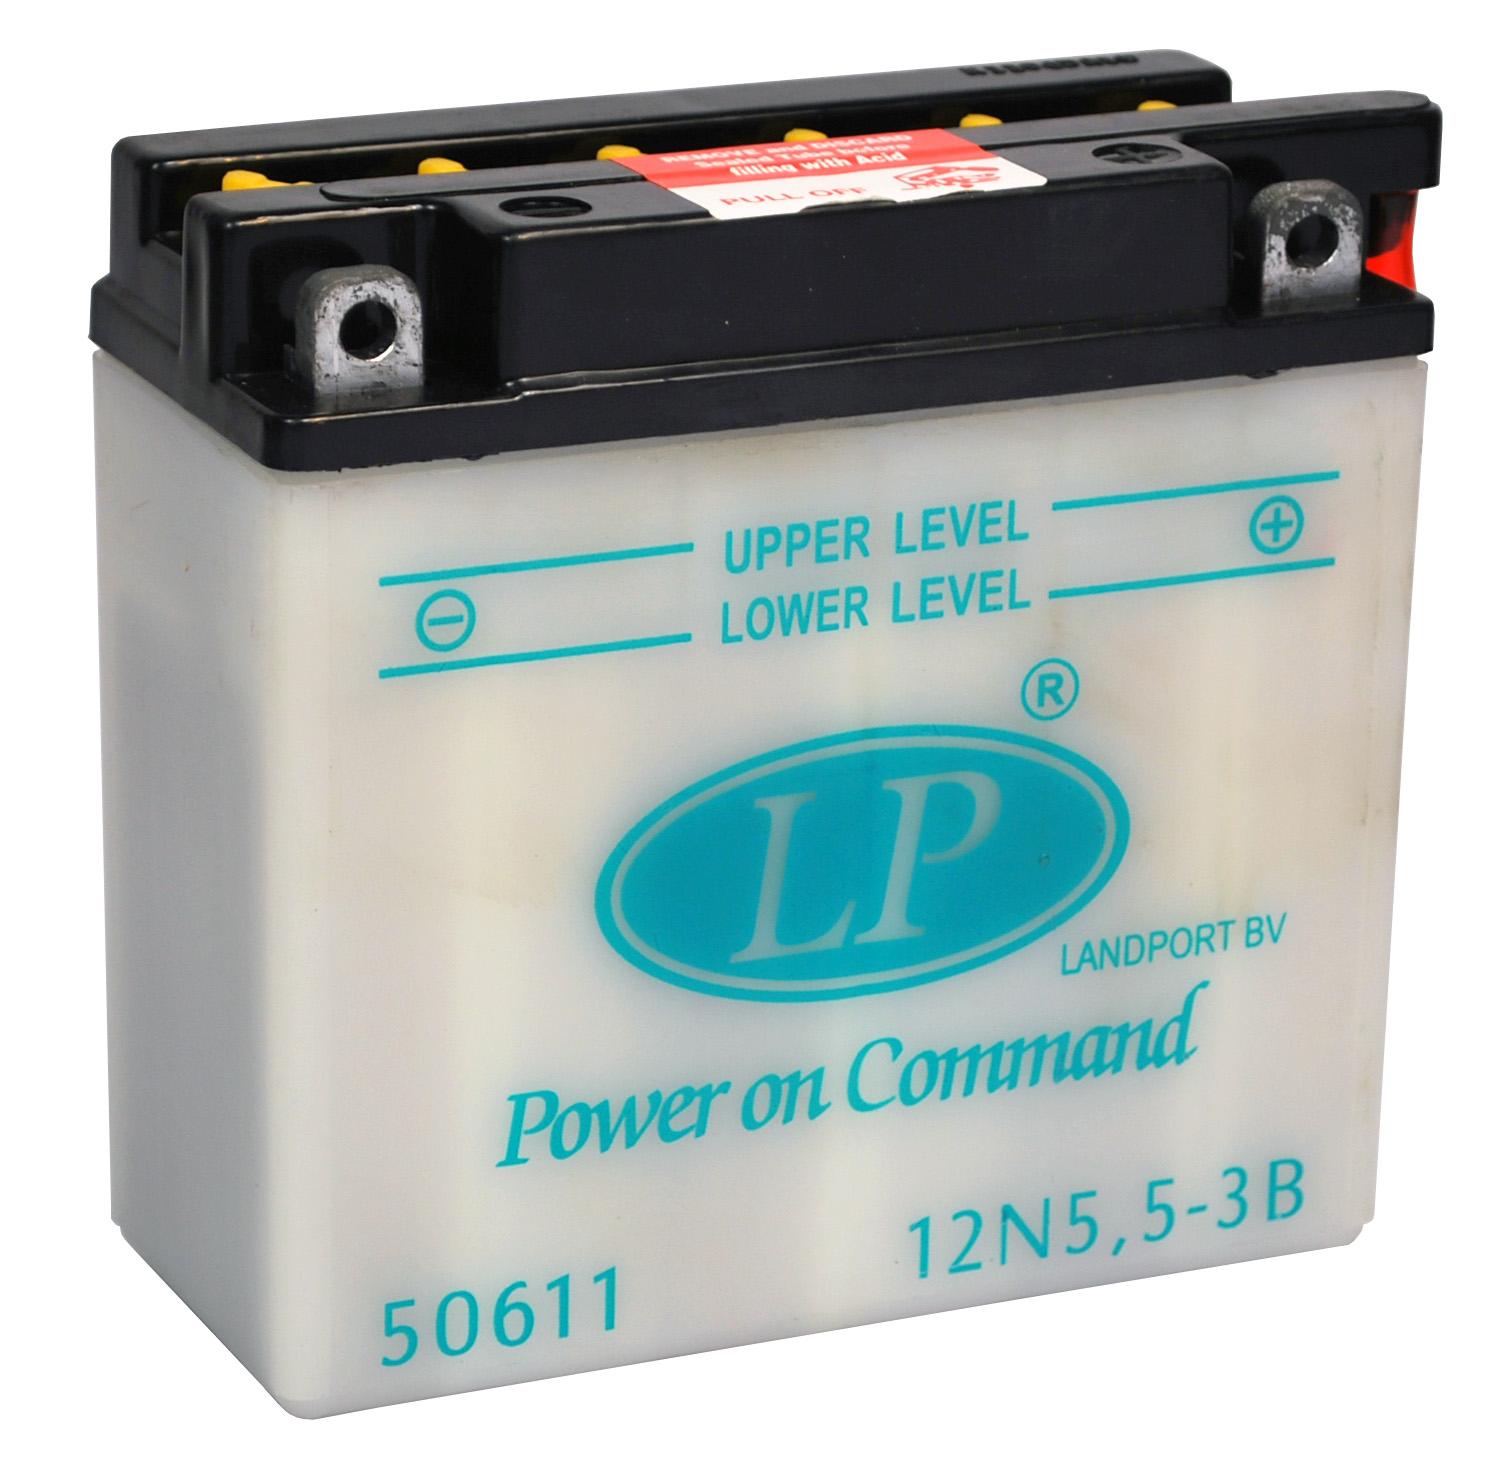 12N5,5-3B motor accu met zuurpakket